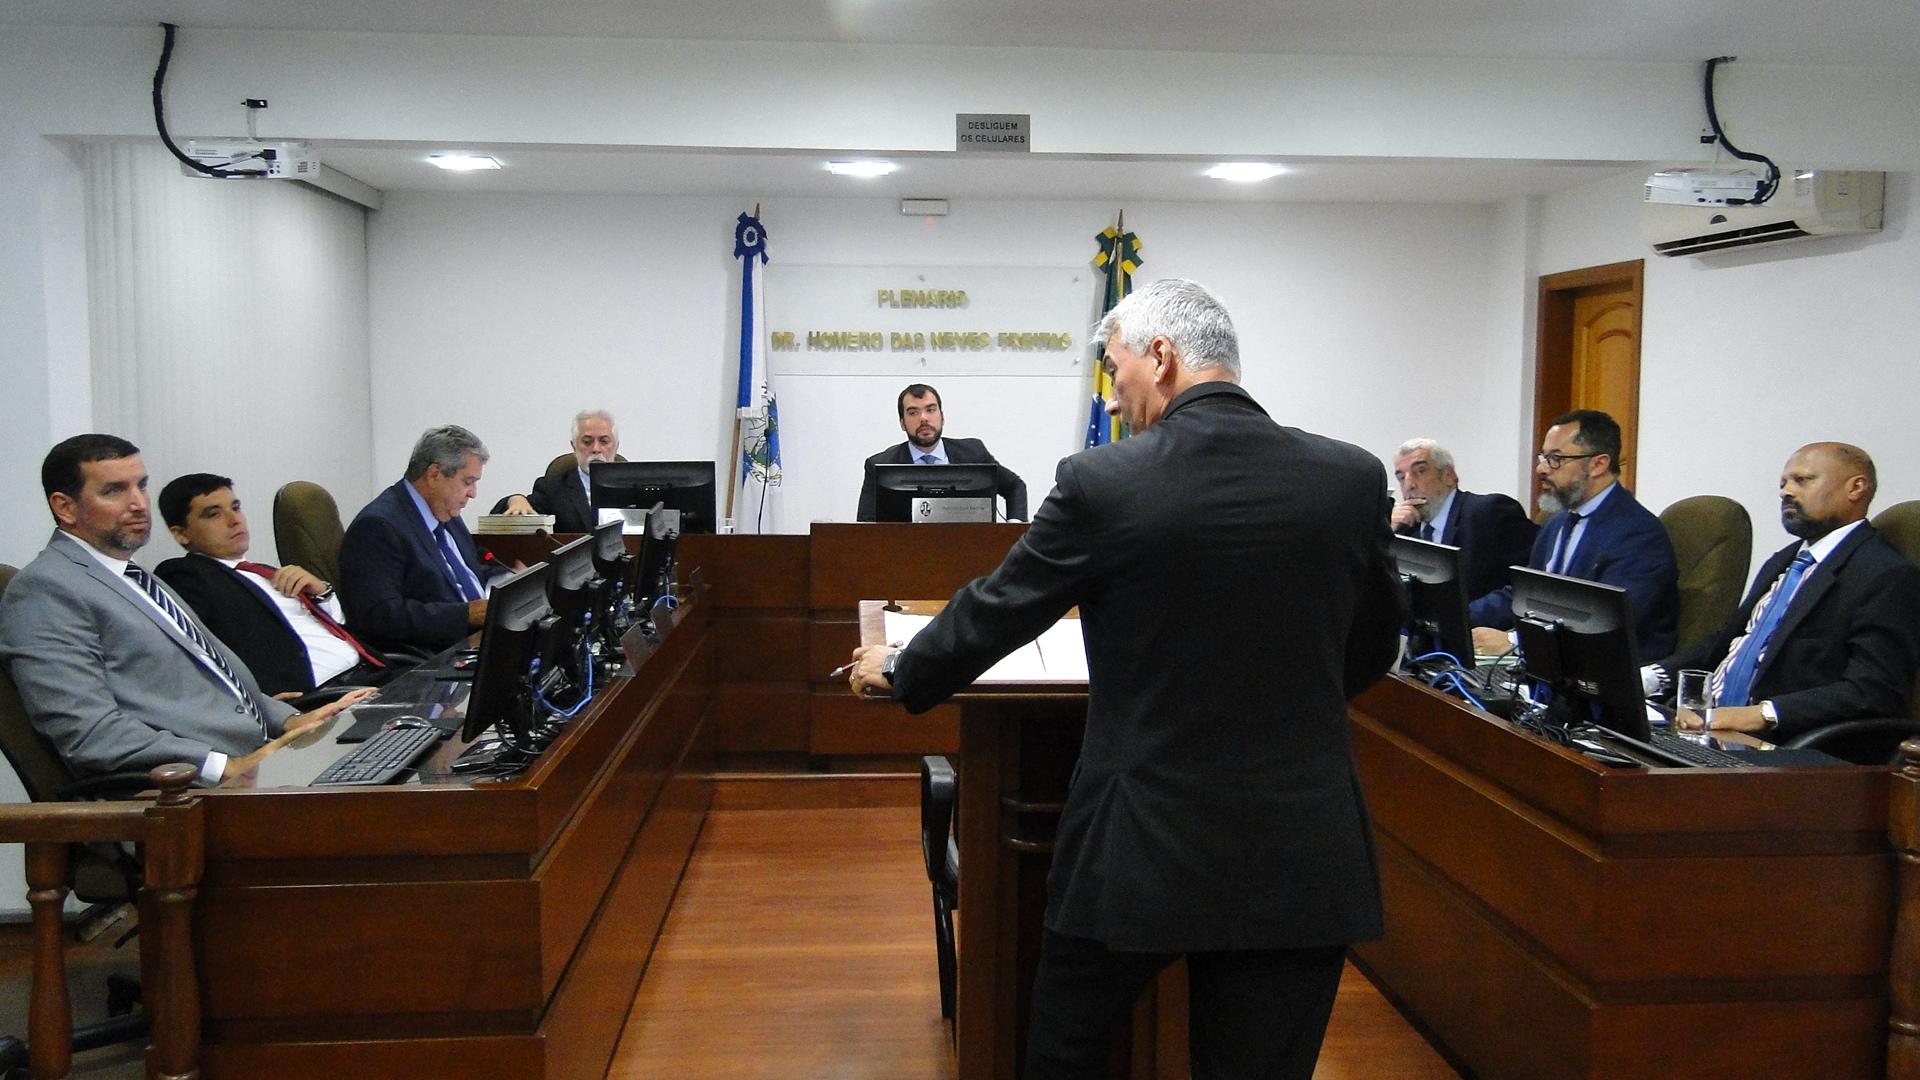 Pleno reforma decisão que absolvia Heliópolis, Paraíba do Sul e Ceres